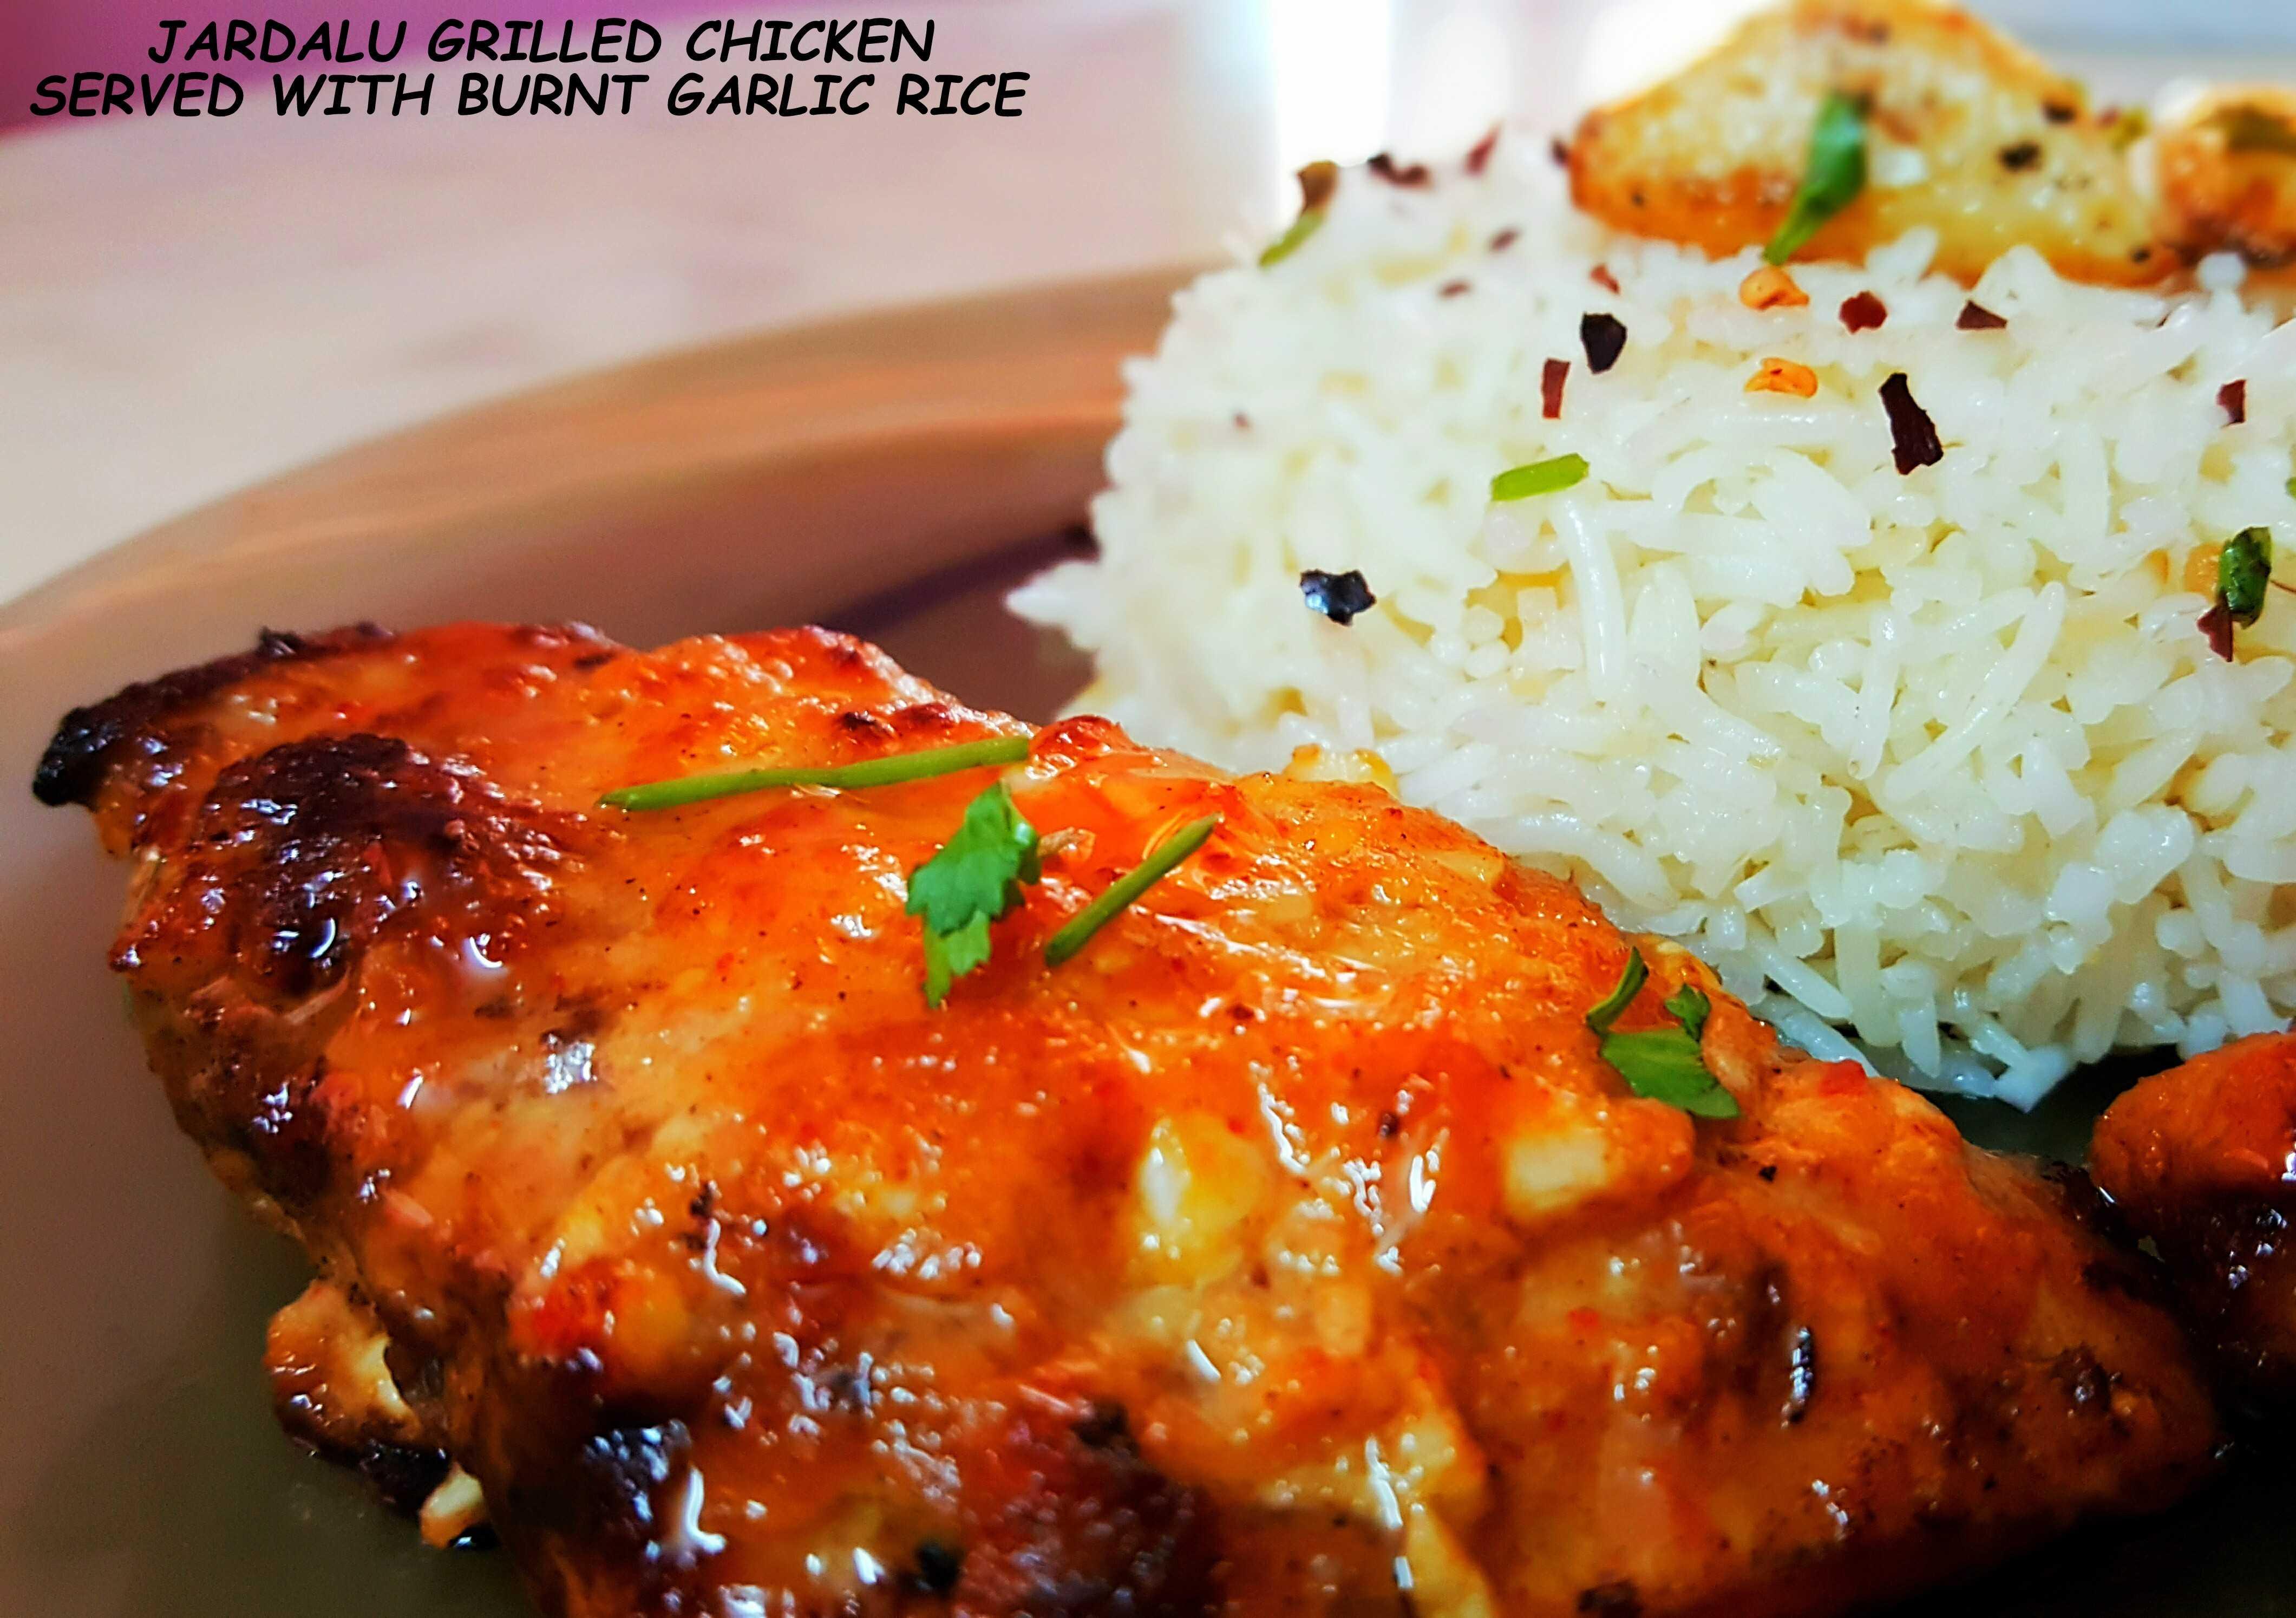 Jardalu Grilled Chicken